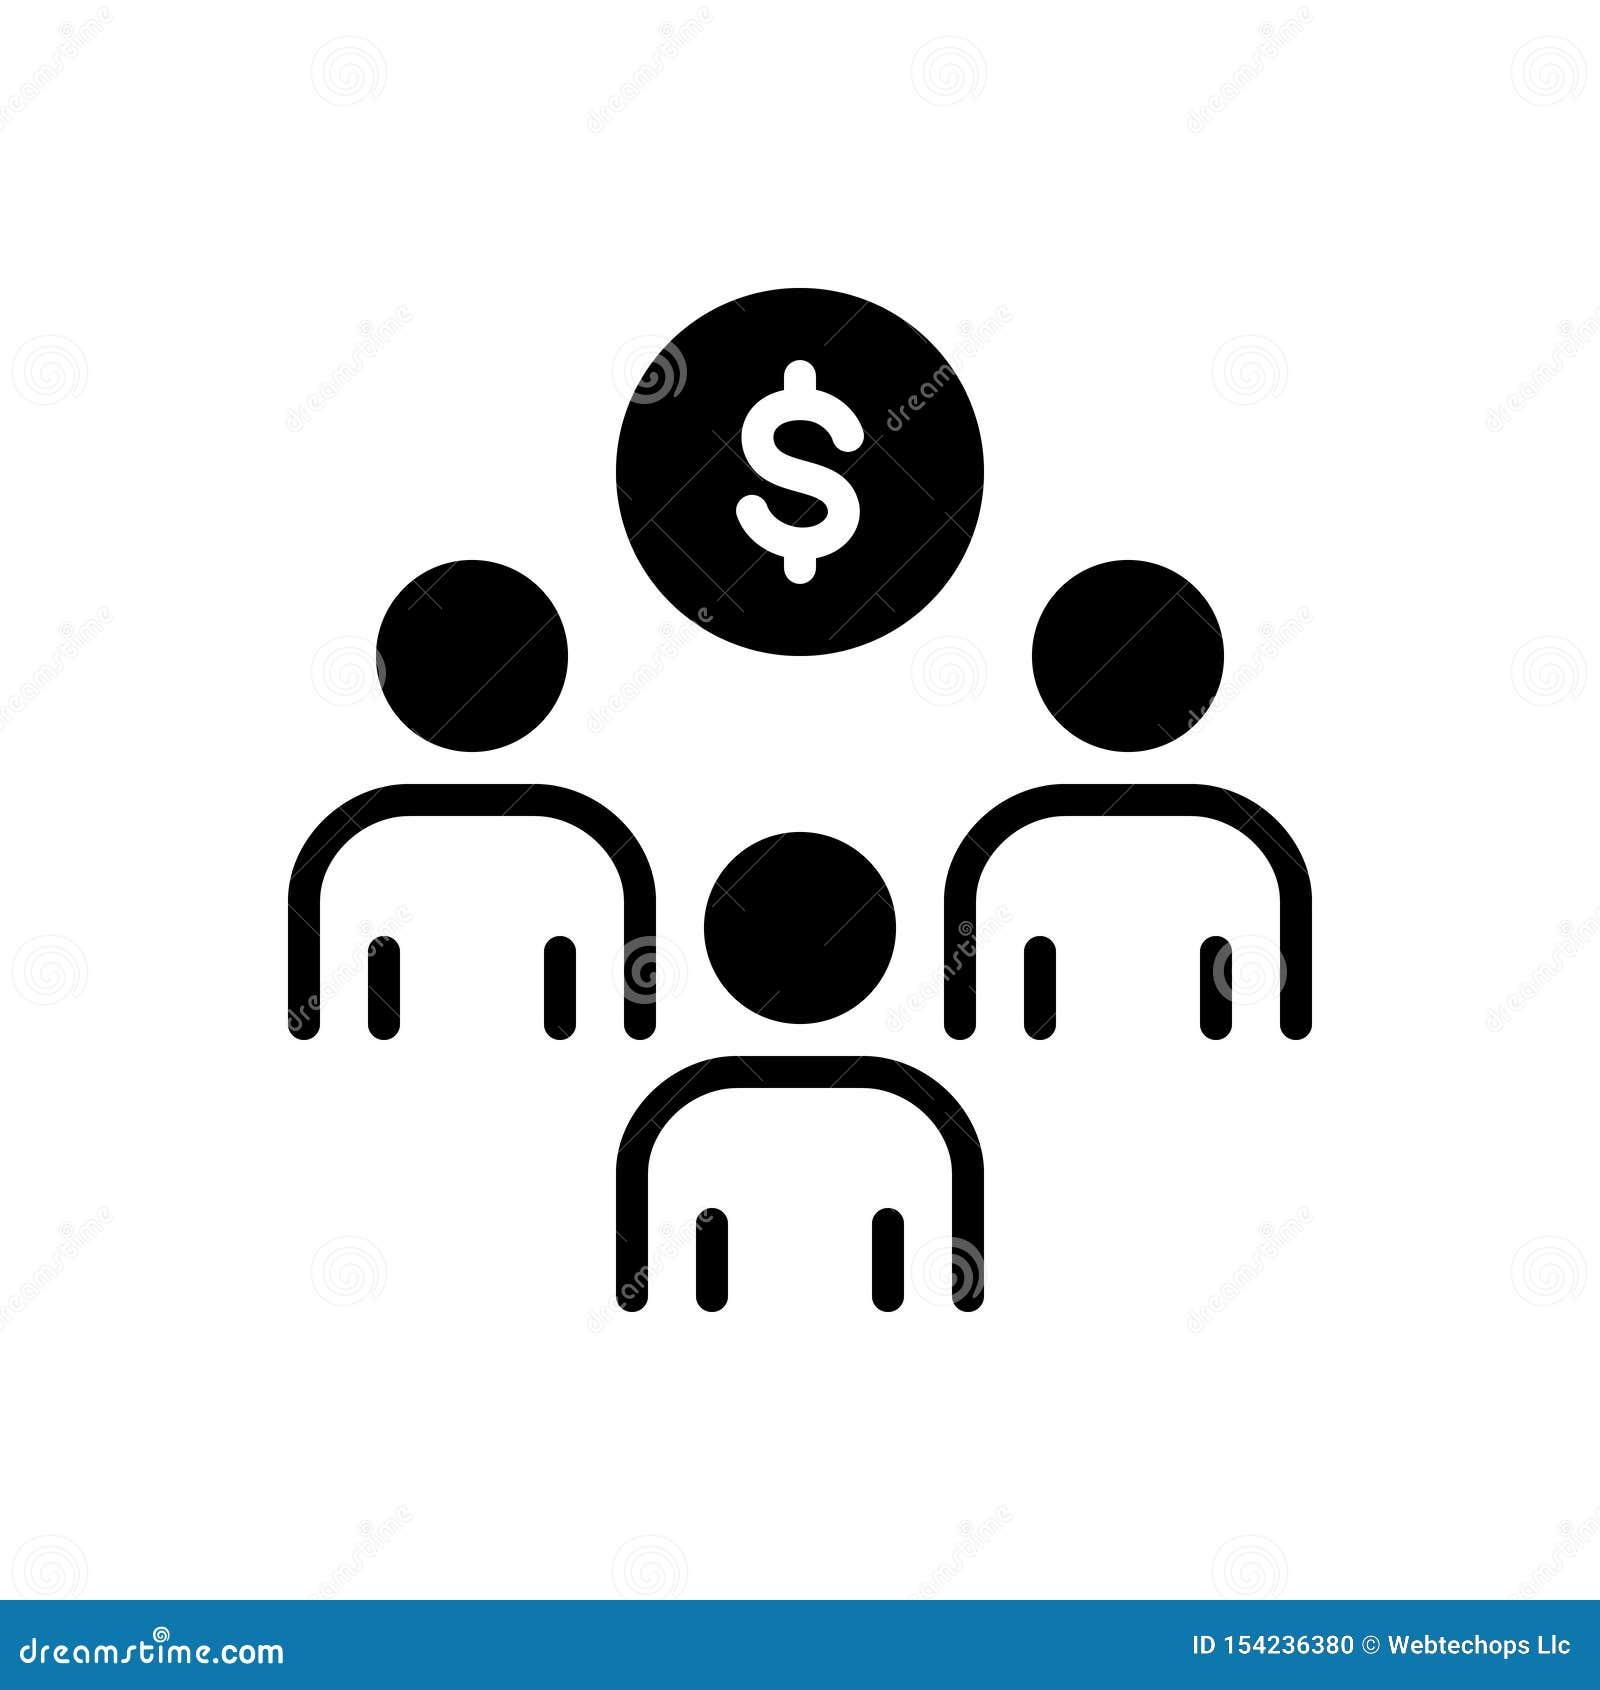 Svart fast symbol för investering, sponsorskap och strategiskt för sponsor